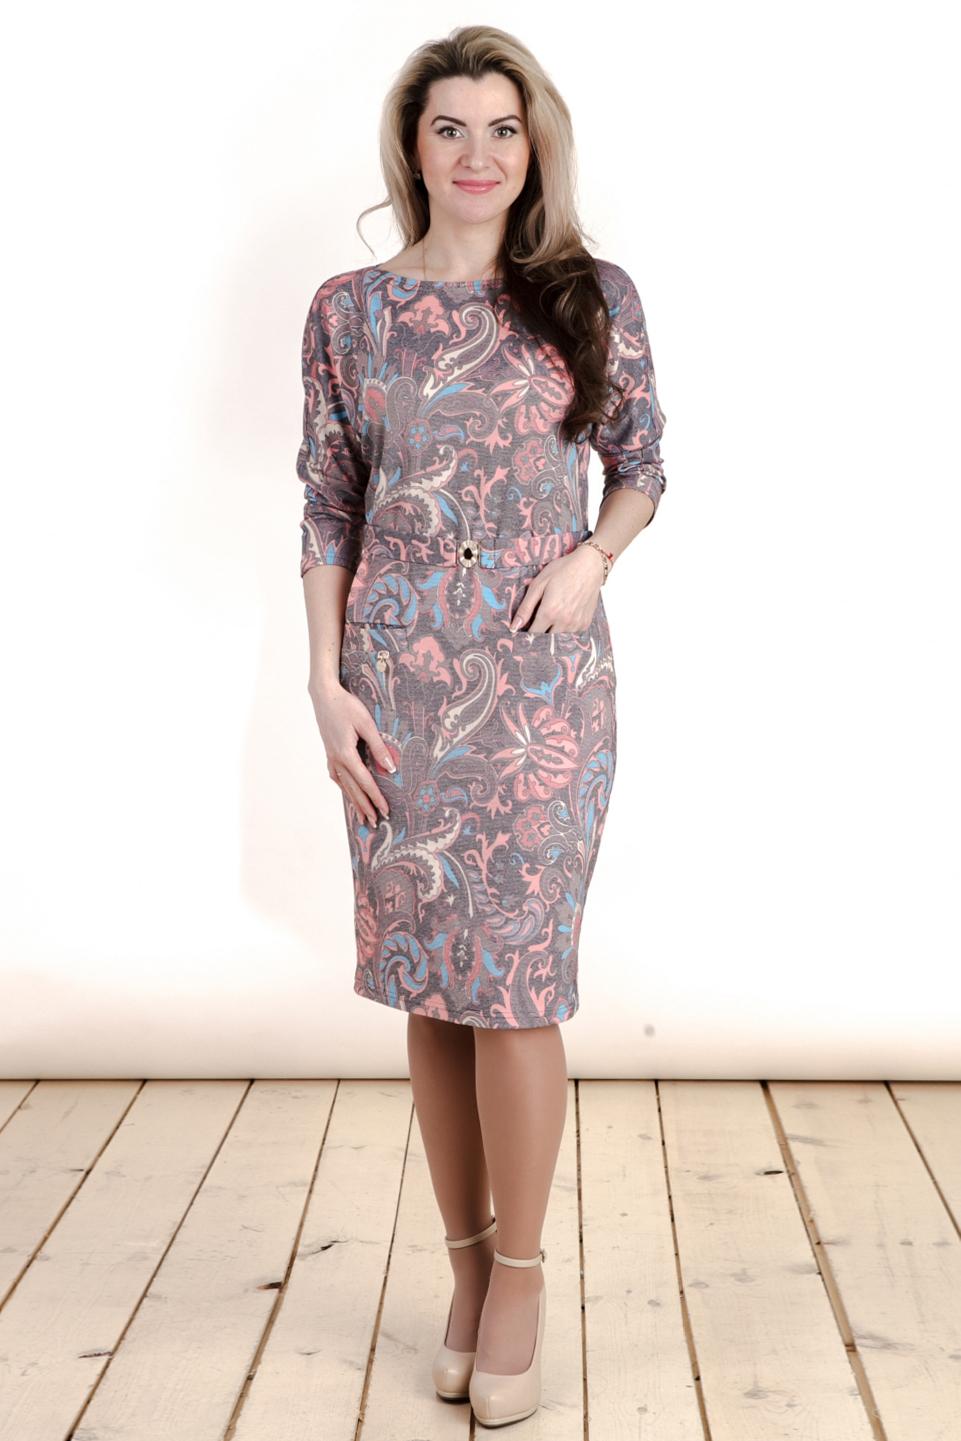 ПлатьеПлатья<br>Великолепное платье с круглой горловиной и рукавами 3/4. Модель выполнена из приятного трикотажа. Отличный выбор для любого случая. Платье без пояса.  Цвет: серо-сиреневый, голубой, коралловый  Длина изделия: 46 размер - 97 см 48 размер - 98 см 50 размер - 99 см 52 размер - 100 см 54 размер - 101 см 56 размер - 102 см  Рост девушки-фотомодели 163 см<br><br>По образу: Свидание,Город<br>По стилю: Повседневный стиль<br>По материалу: Вискоза,Трикотаж<br>По рисунку: С принтом,Цветные,Этнические<br>По сезону: Осень,Весна<br>По силуэту: Полуприталенные<br>По элементам: С карманами<br>По форме: Платье - футляр<br>По длине: До колена<br>Рукав: Рукав три четверти<br>Горловина: С- горловина<br>Размер: 46,48,50,52,54,56<br>Материал: 50% вискоза 50% полиэстер<br>Количество в наличии: 1